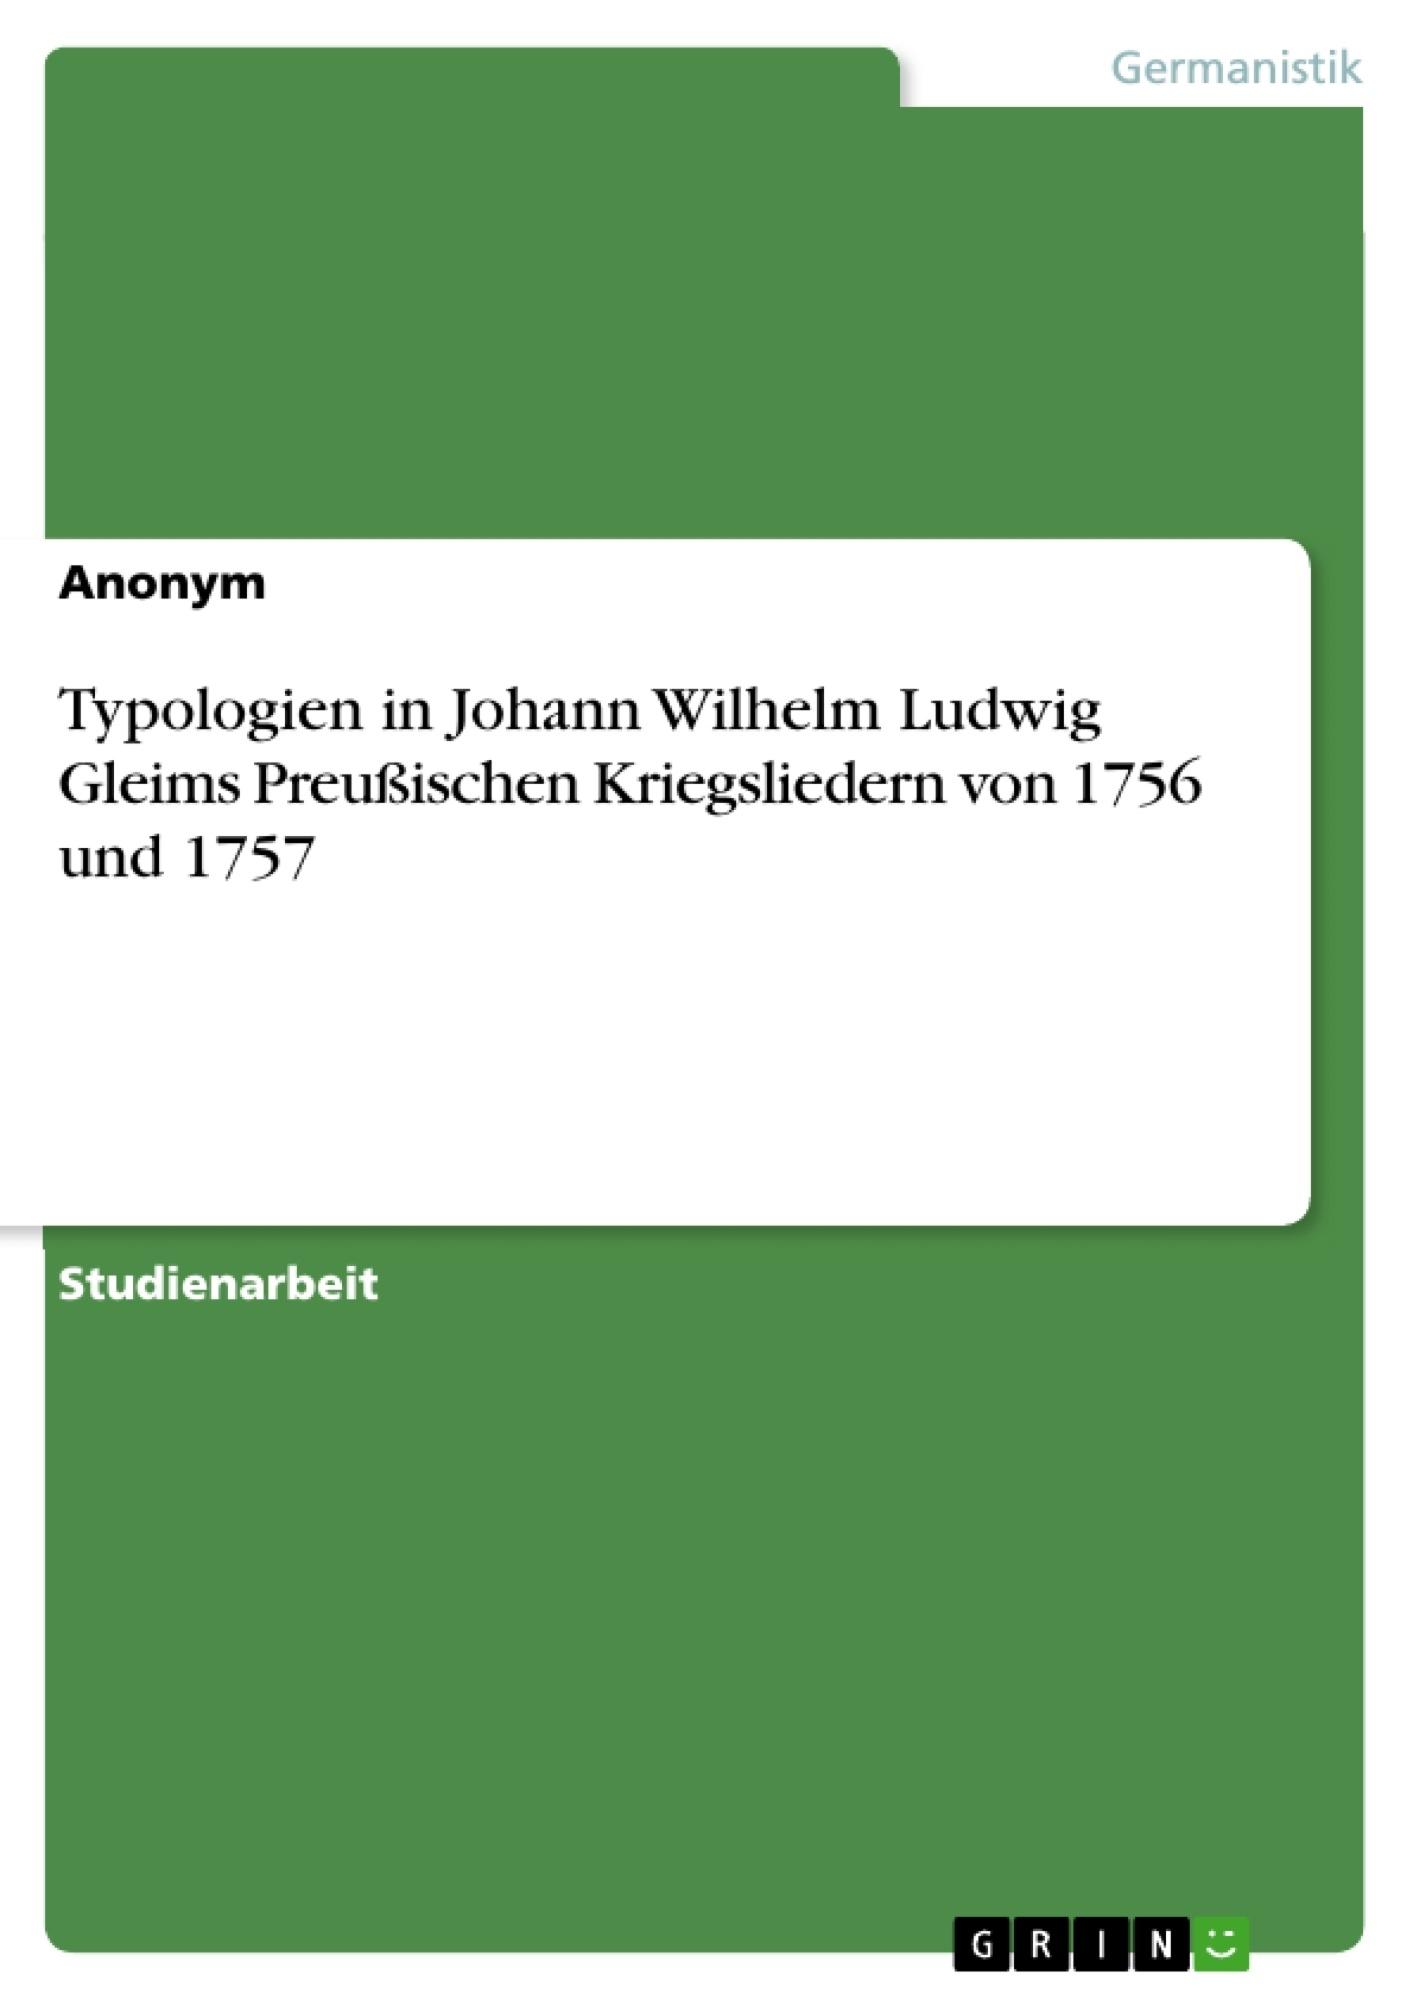 Titel: Typologien in Johann Wilhelm Ludwig Gleims Preußischen Kriegsliedern von 1756 und 1757